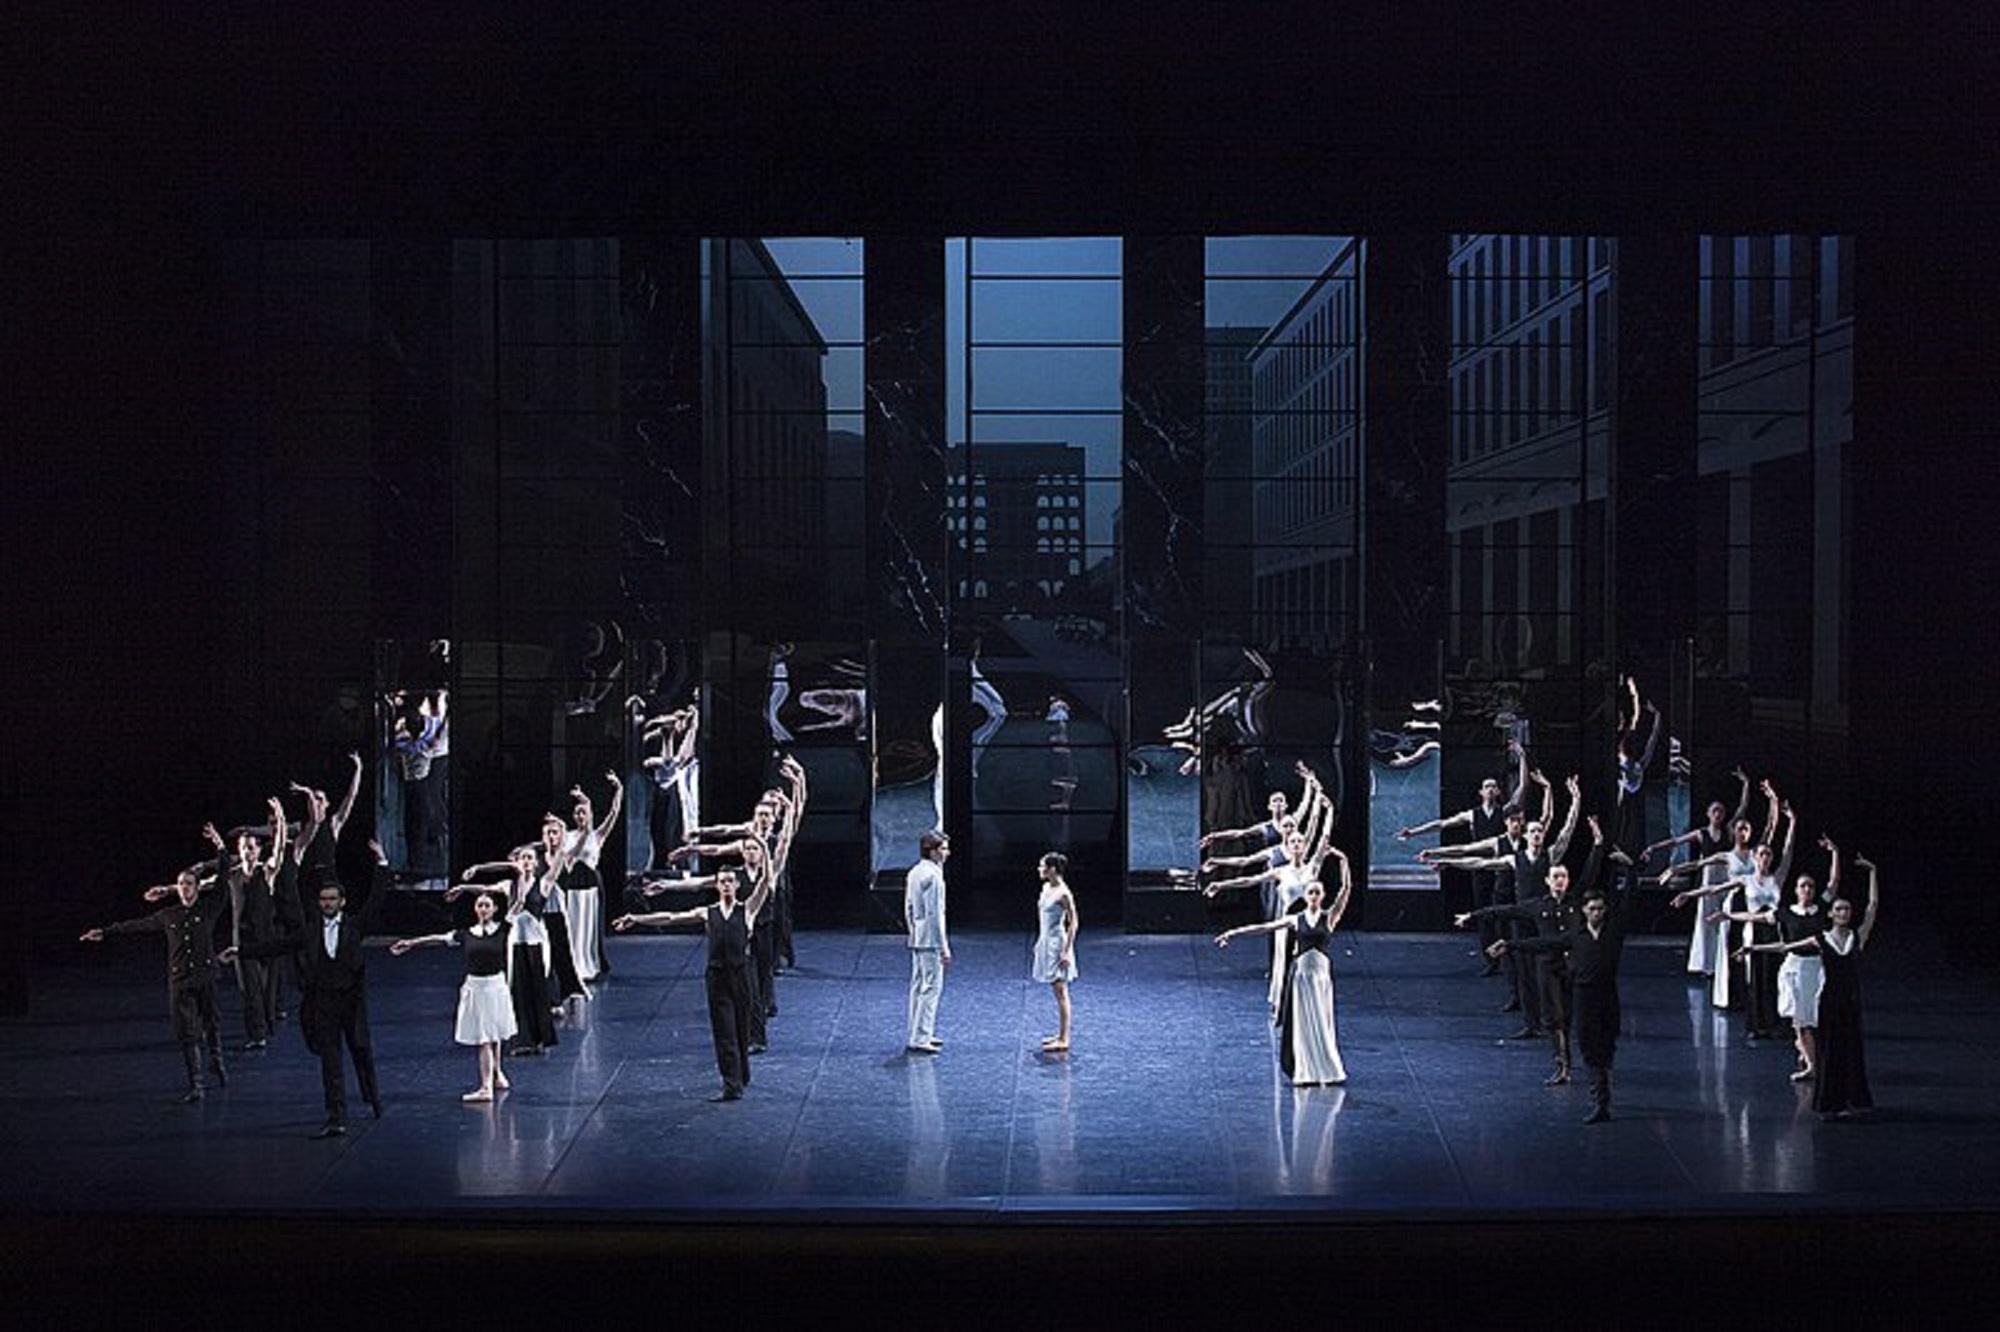 Przedstawienie baletowe na podstawie sztuki Romeo i Julia Williama Szekspira w choreografii Krzysztofa Pastora (fot. Wikipedia)